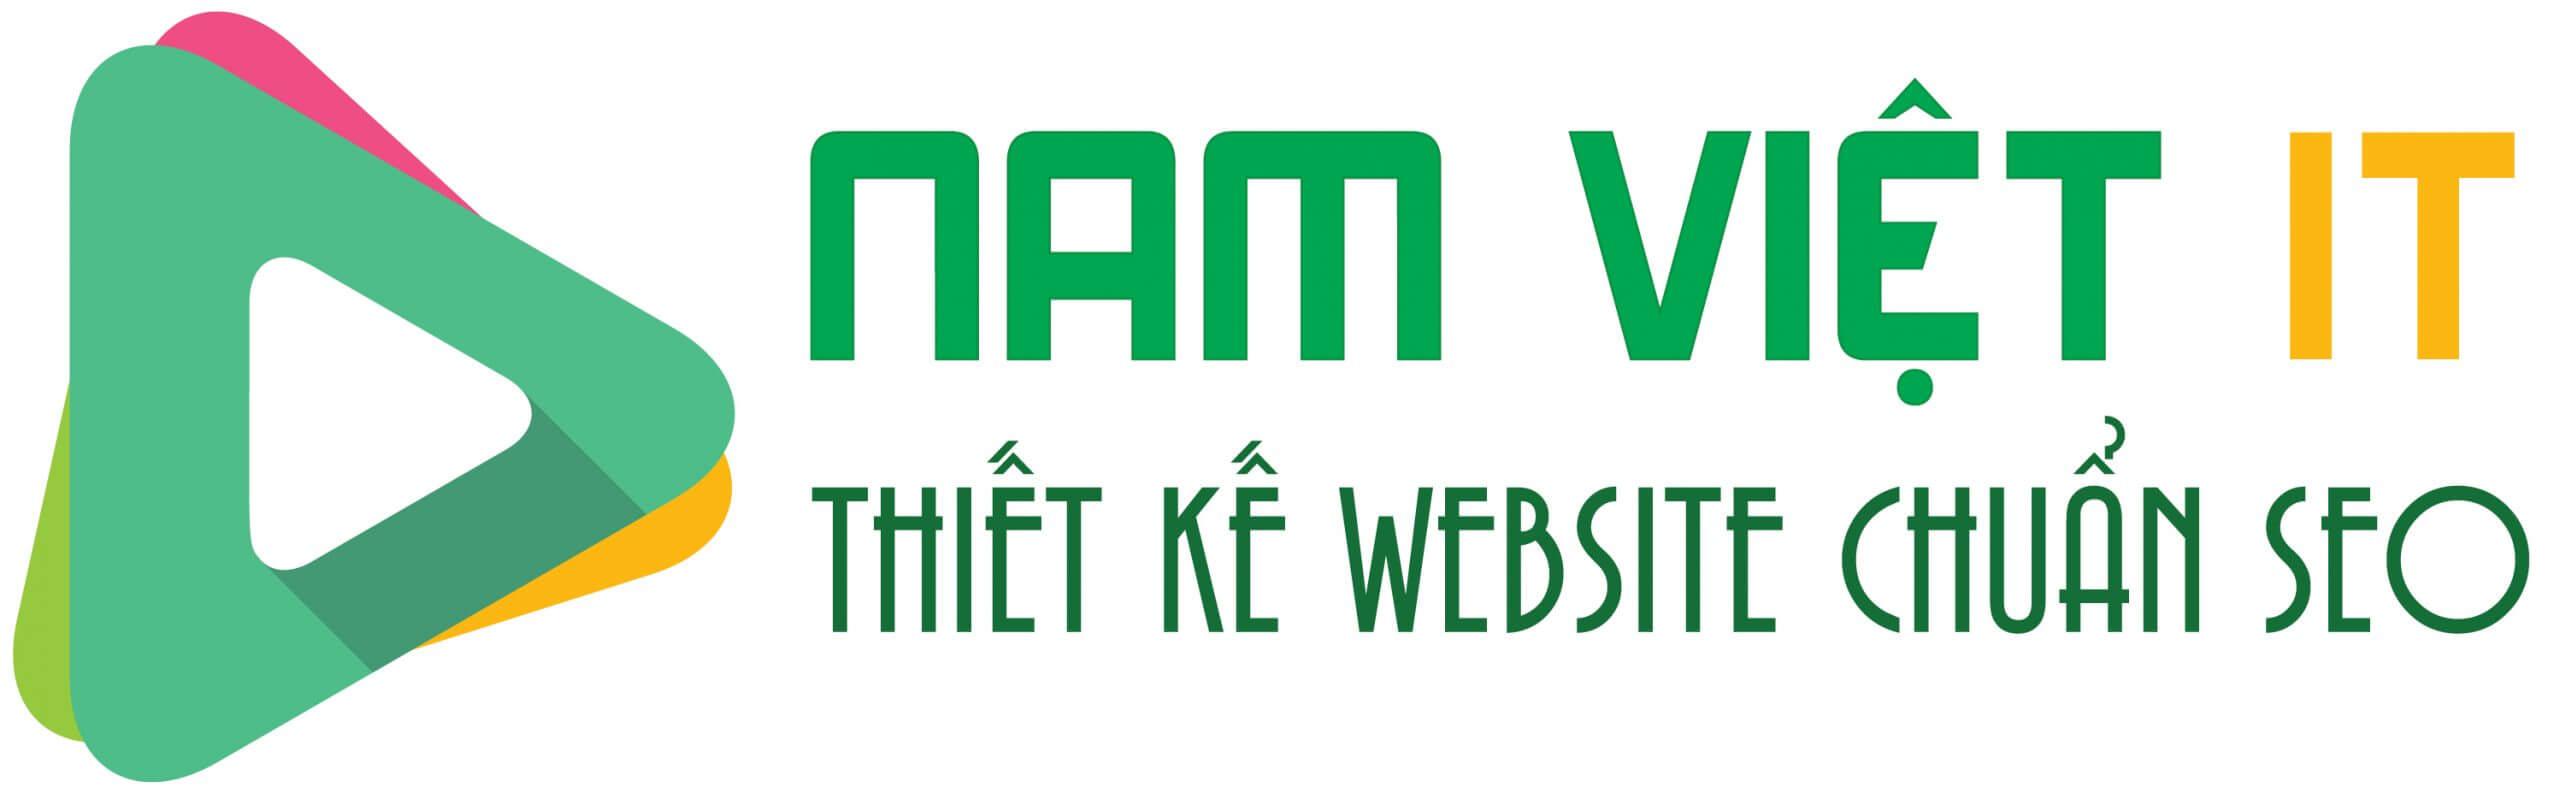 Thiết kế website chuẩn SEO tại Bà Rịa Vũng Tàu